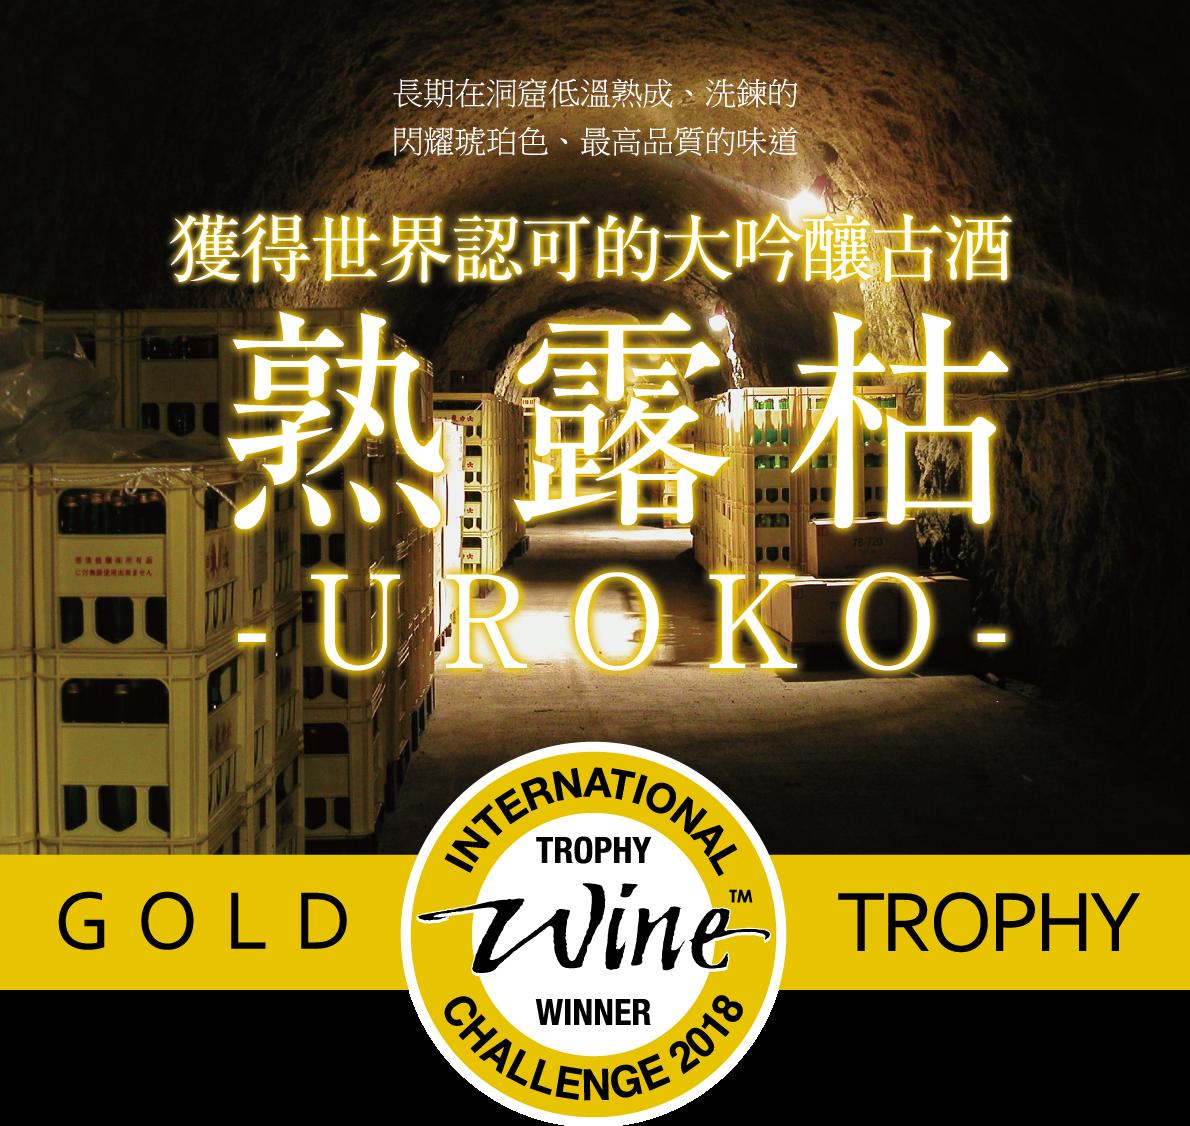 長期在洞窟低溫熟成、洗鍊的 閃耀琥珀色、最高品質的味道 獲得世界認可的大吟釀古酒 熟露枯 UROKO IWC International Wine Charrenge Gold Torophy